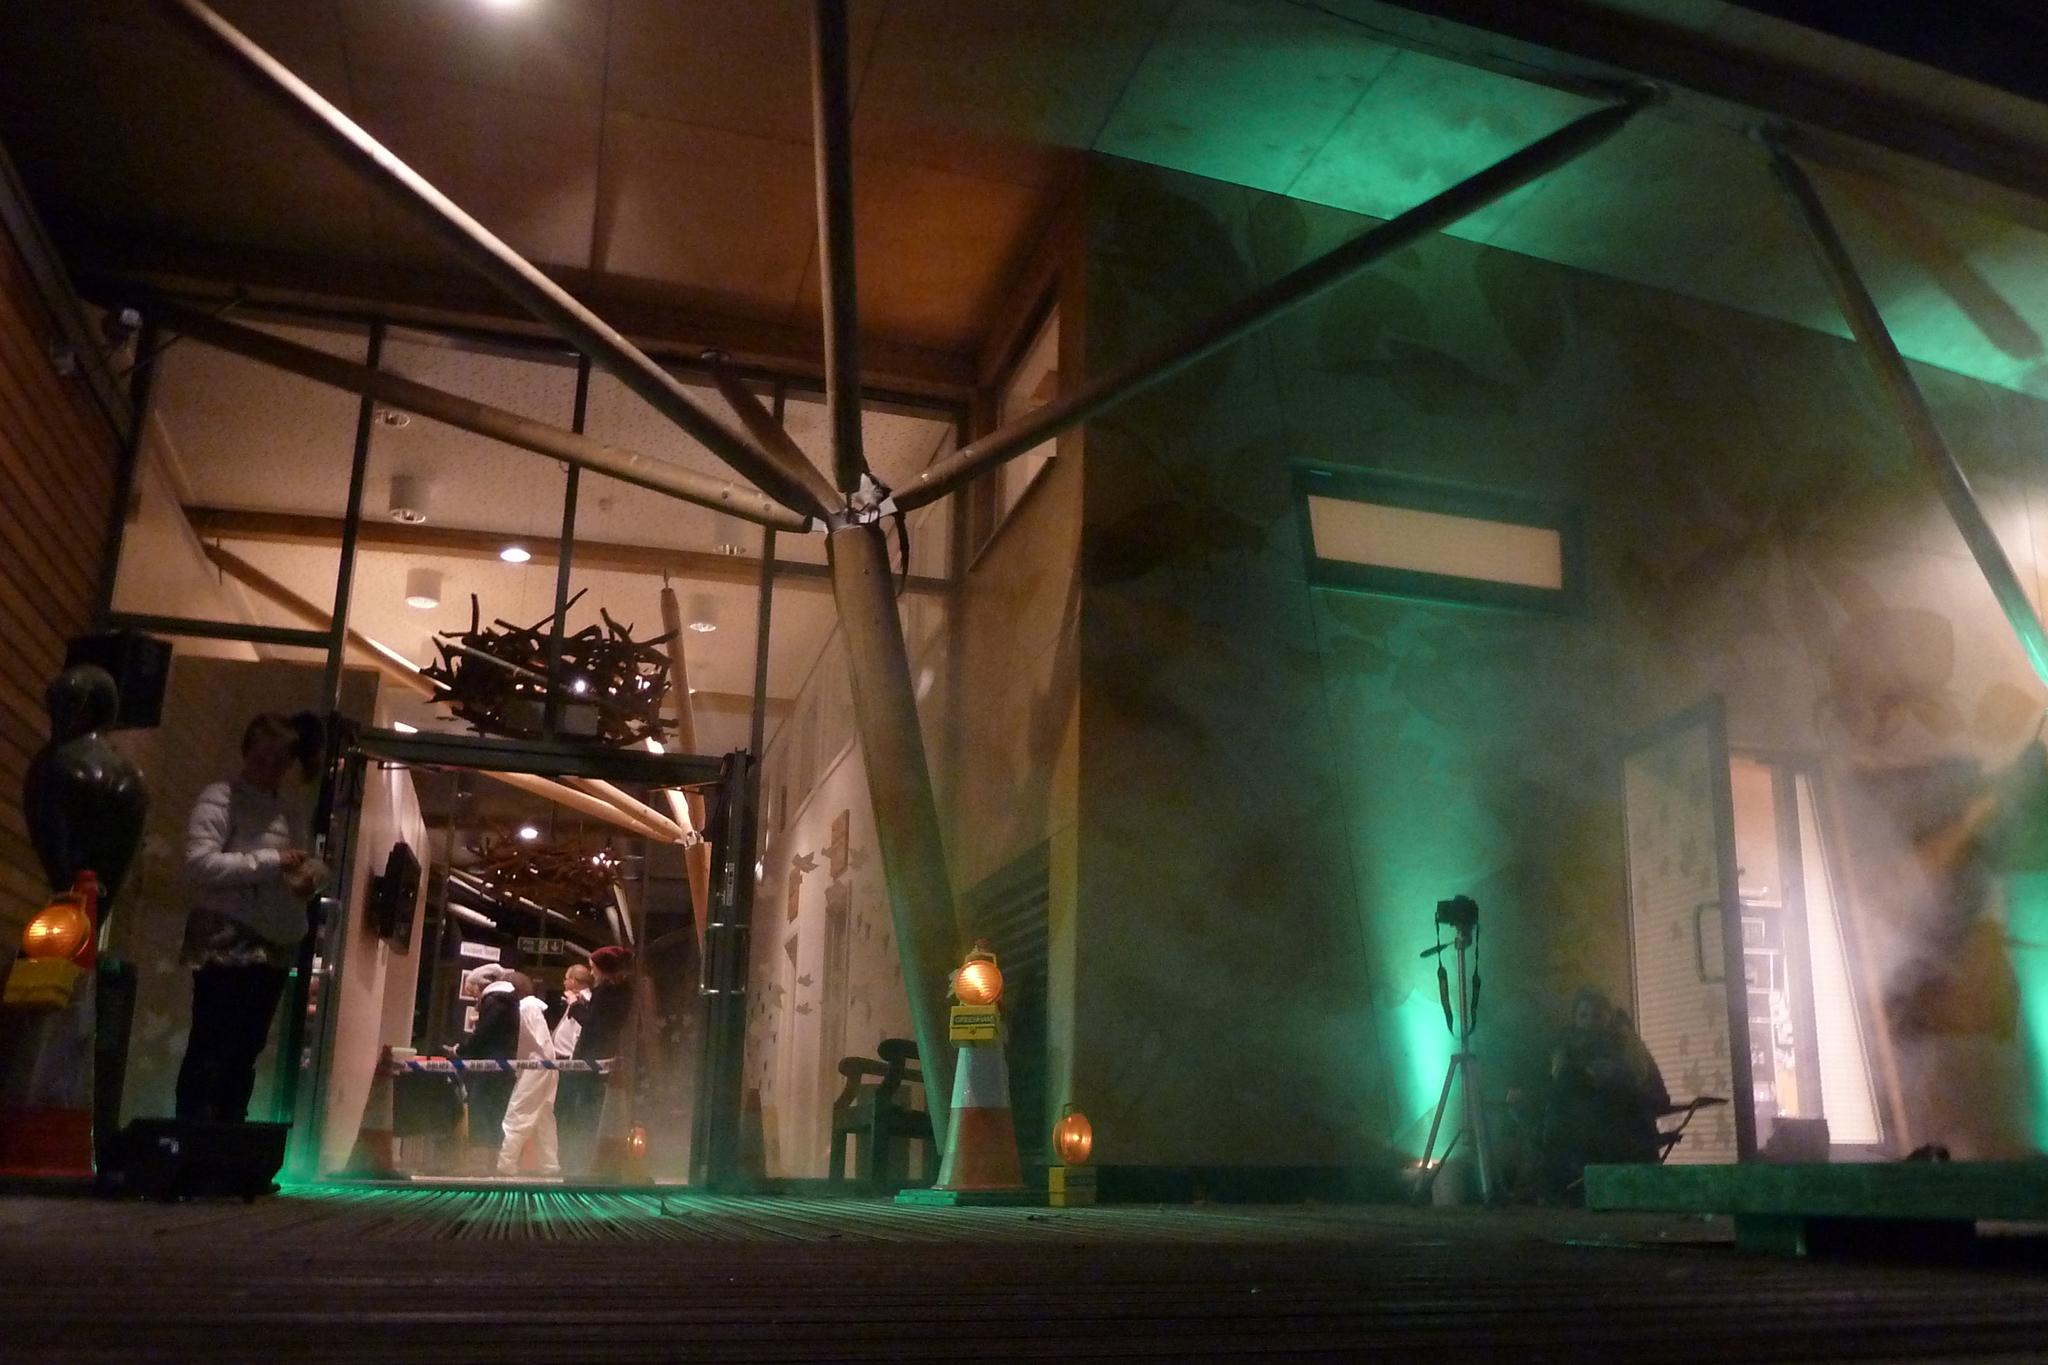 Nomad cinema, Spooky Halloween Screenings in Hyde Park